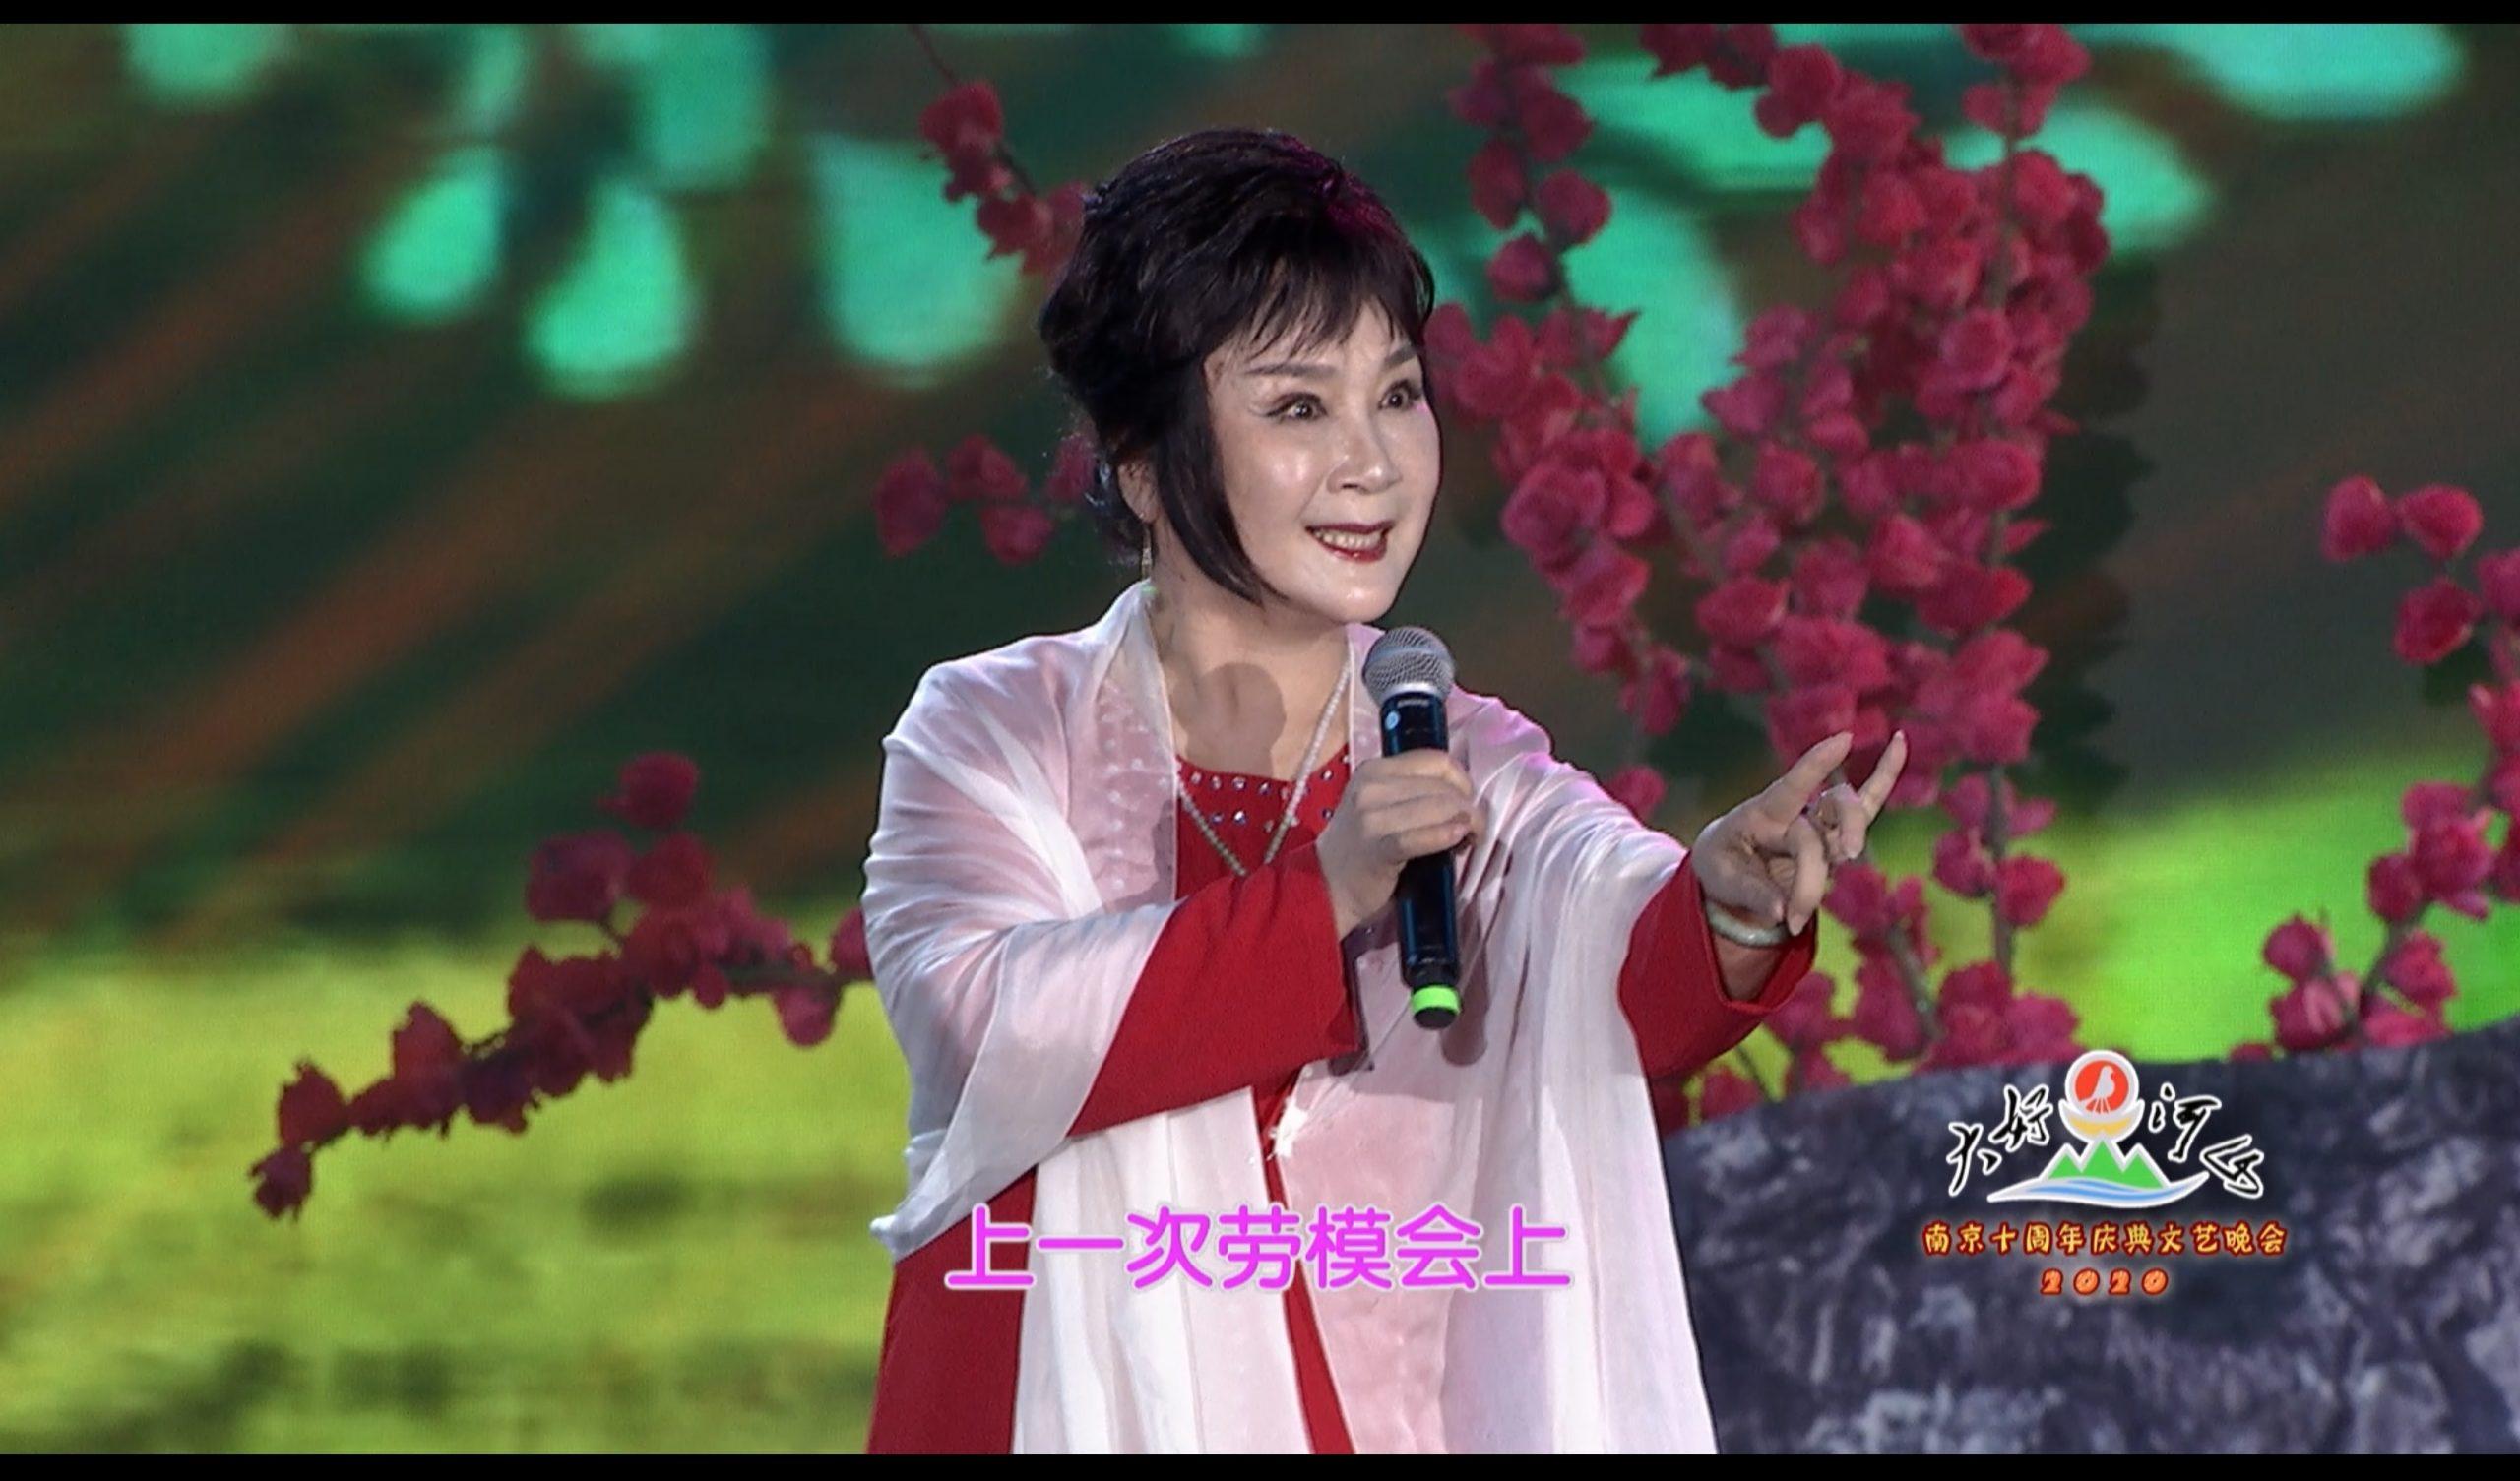 2020大好河山南京十周年庆典公益晚会 评剧《刘巧儿》选段 戴月琴